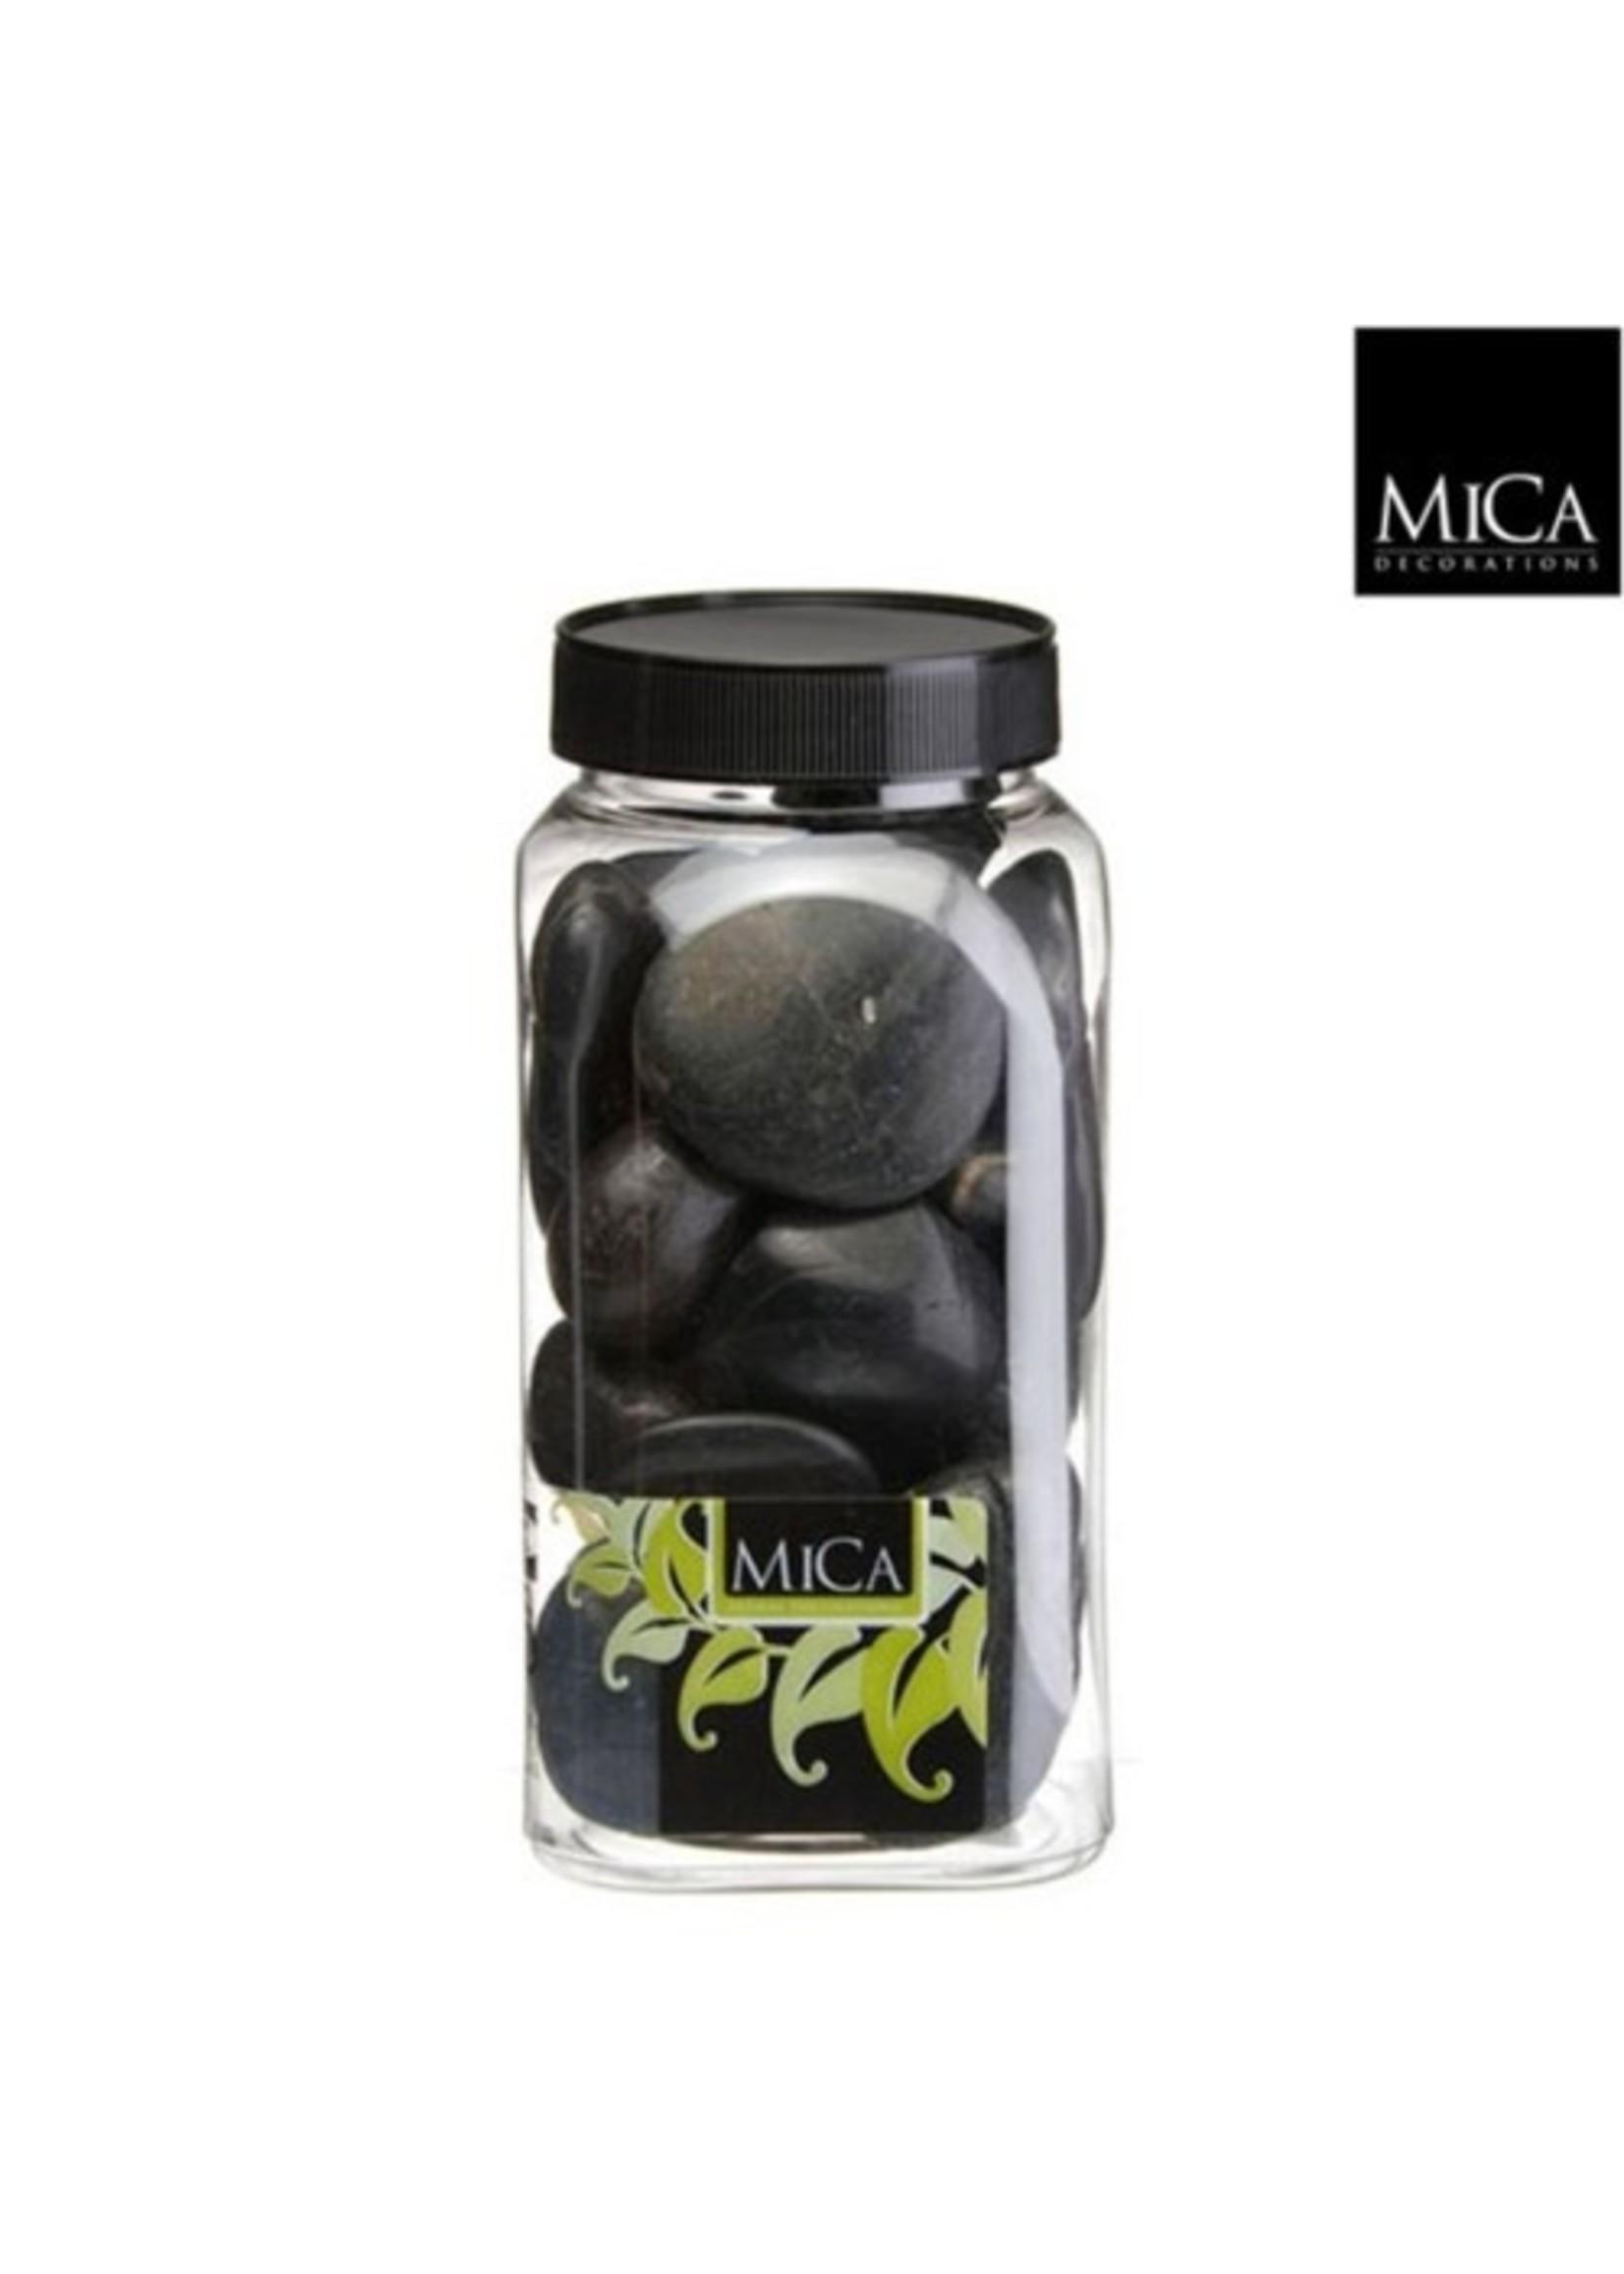 Mica Stones - Black